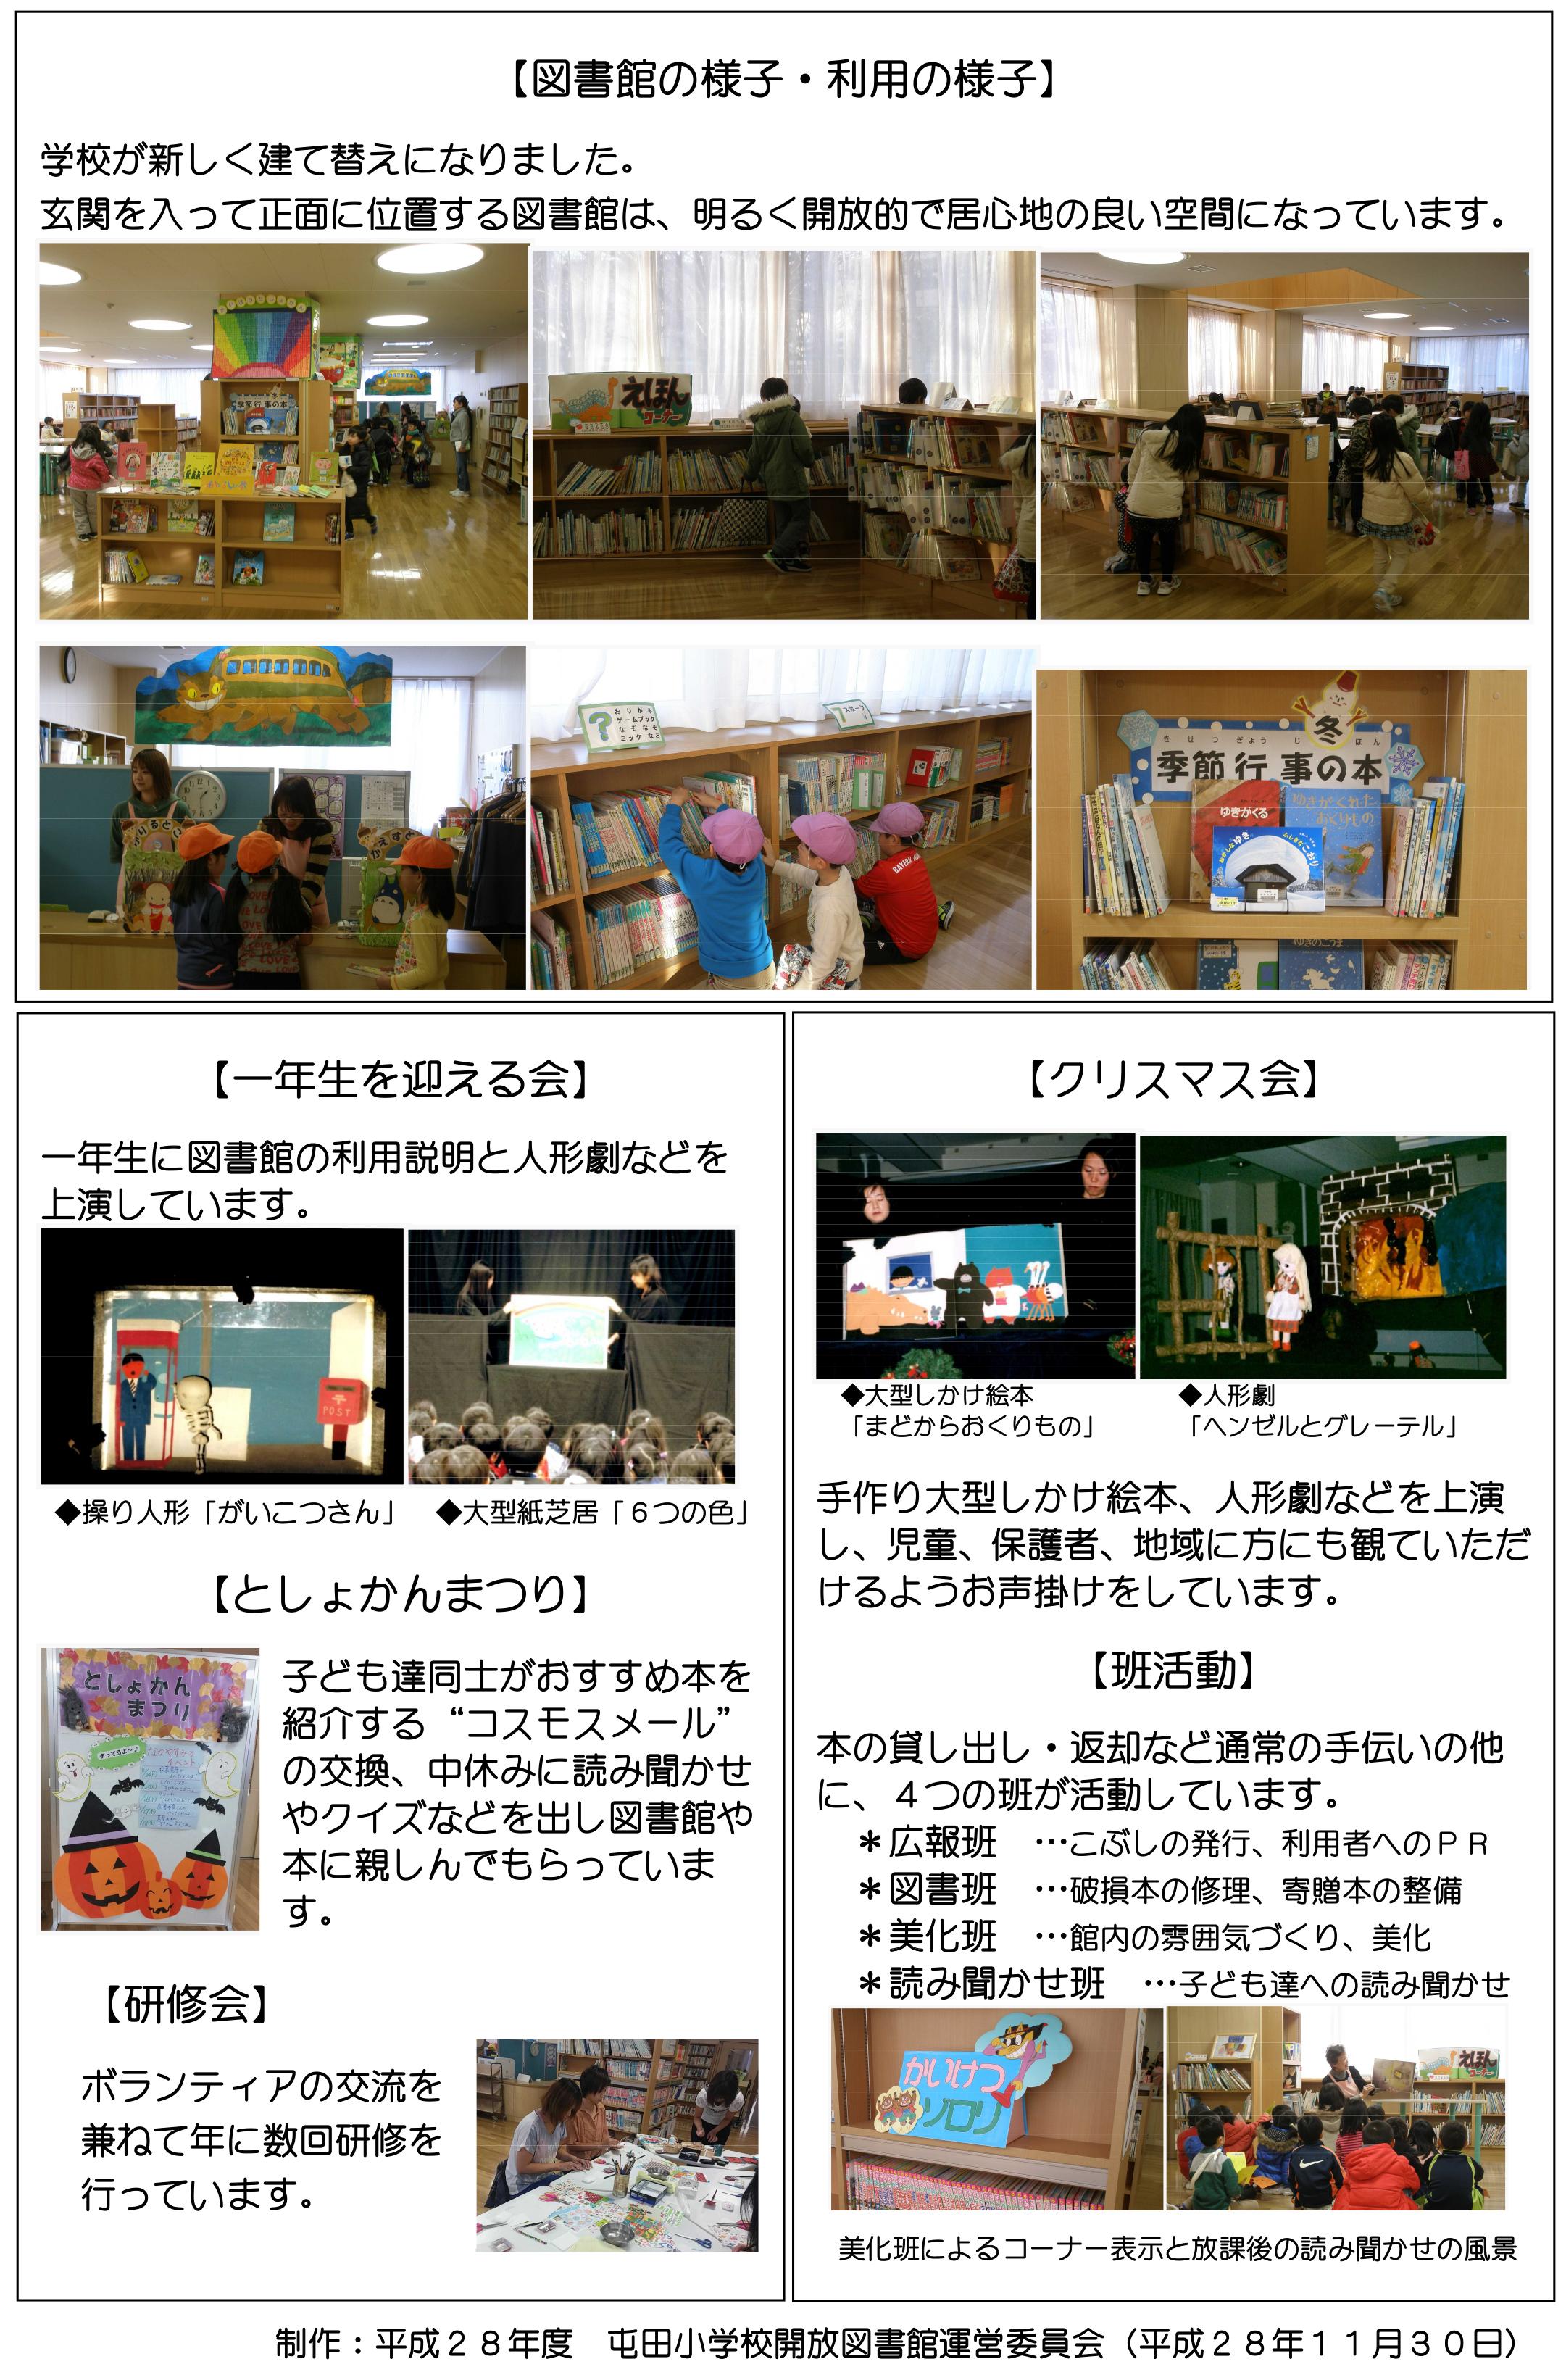 屯田小学校 開放図書館